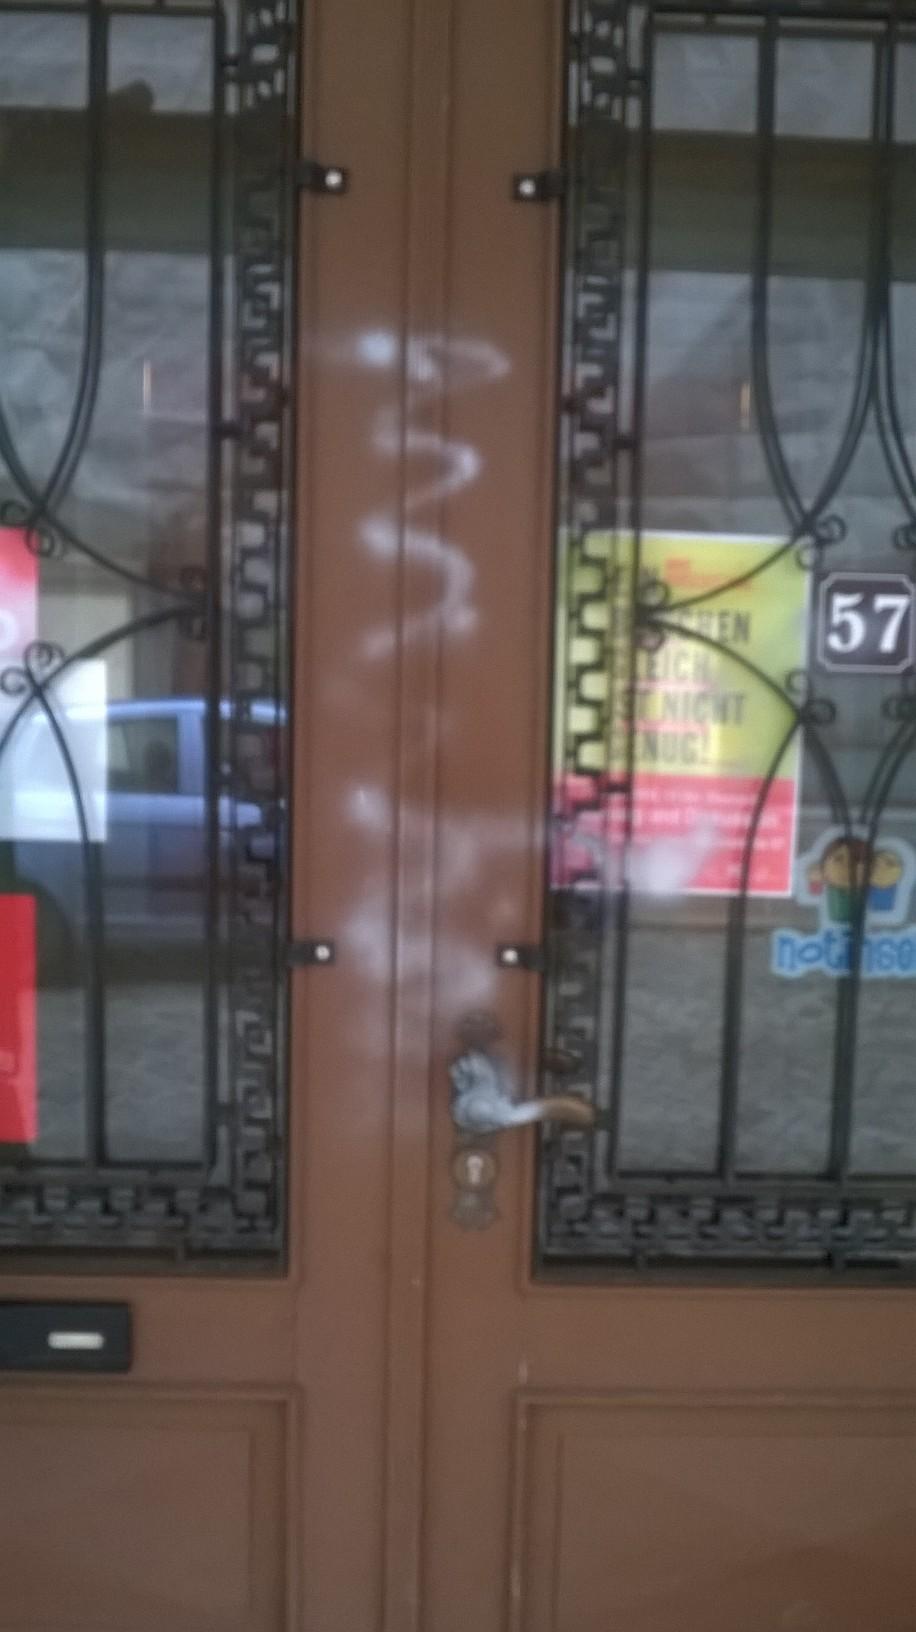 Die EIngangstür wurde mit Farbe beschmiert.